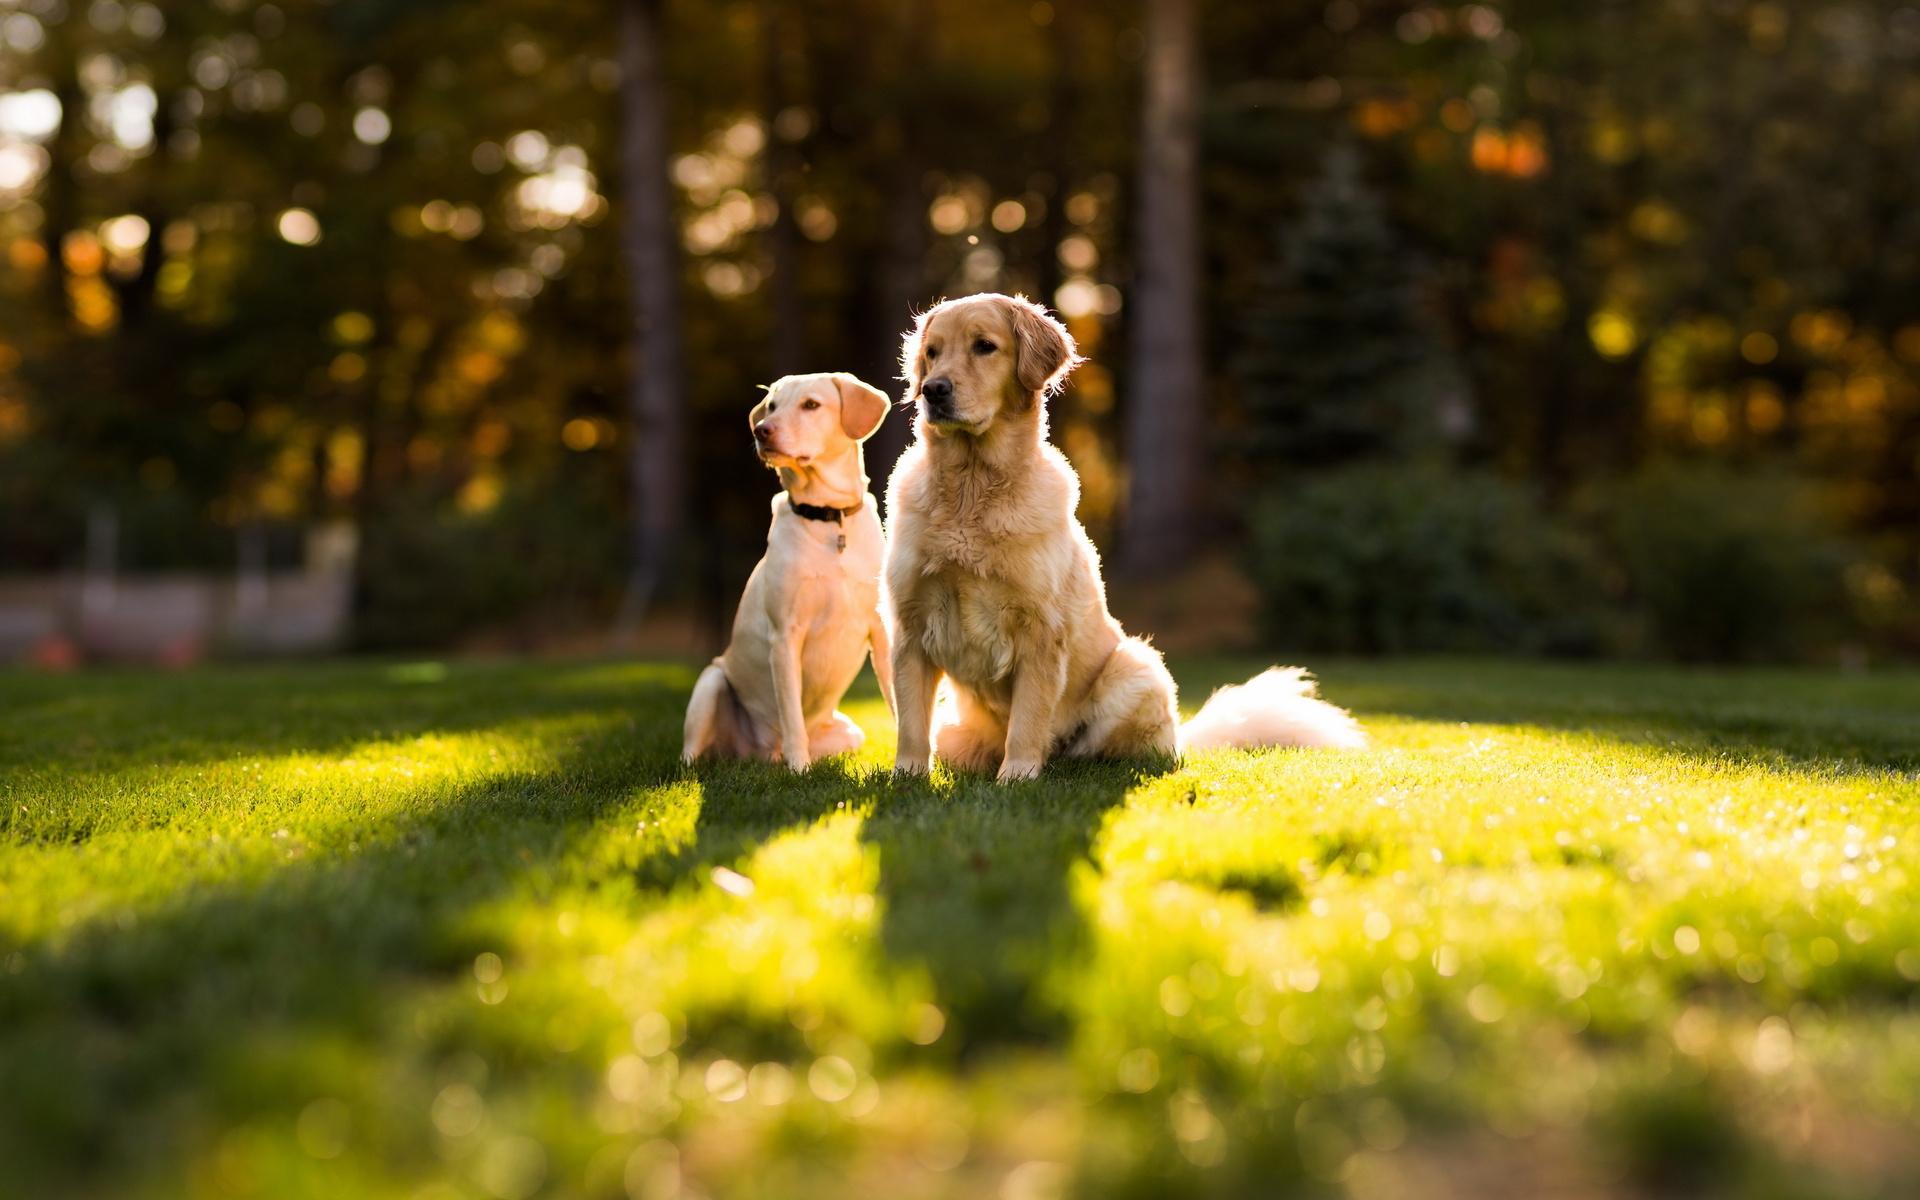 пара, dog, лето, трава, Собаки